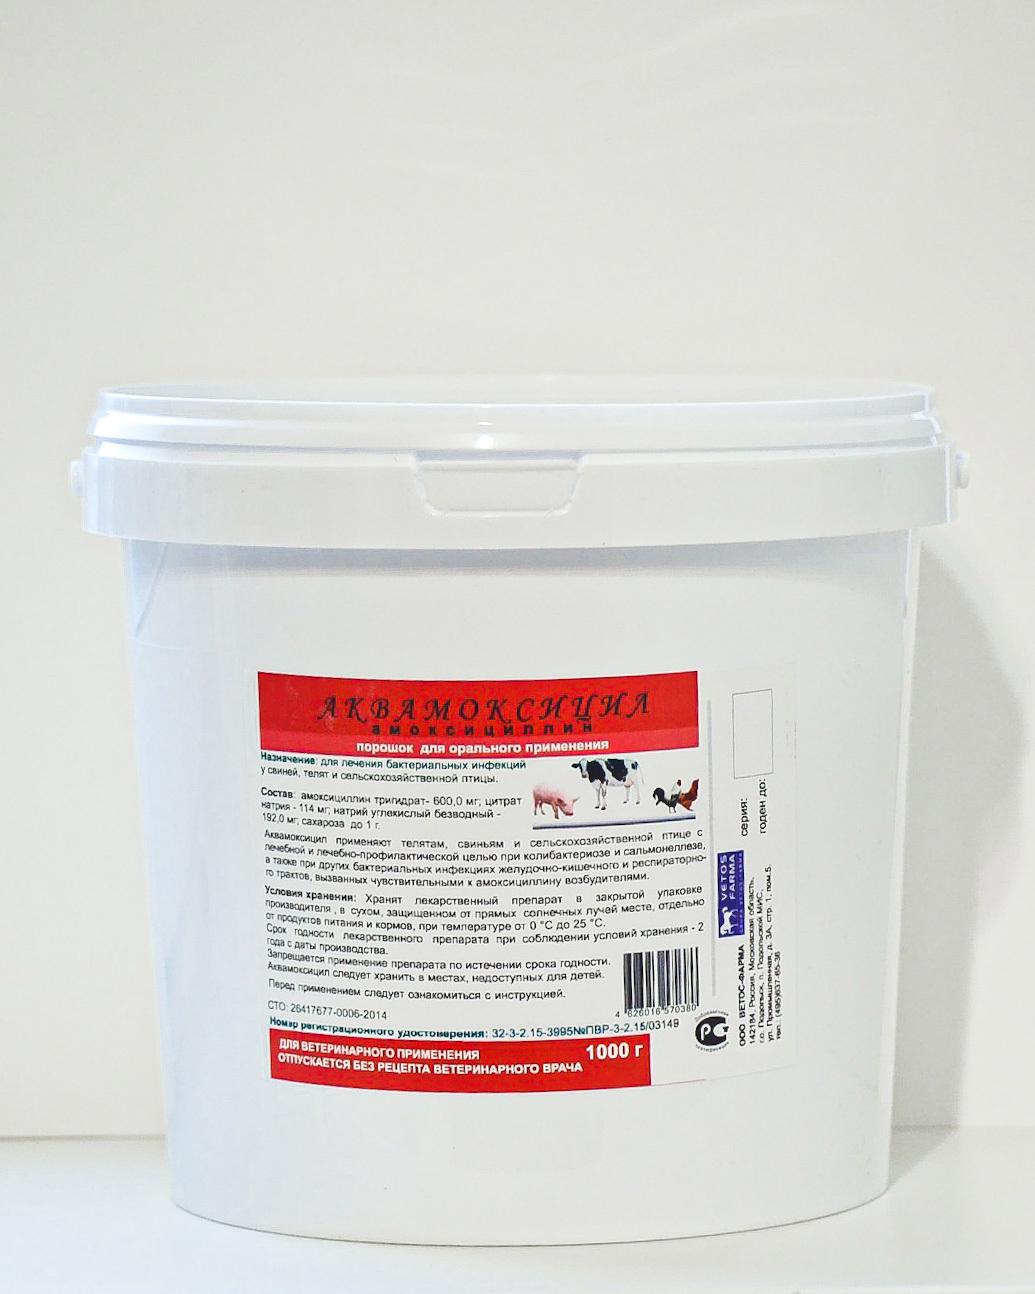 Хлортетрациклин – инструкция по применению порошка для птиц и животных